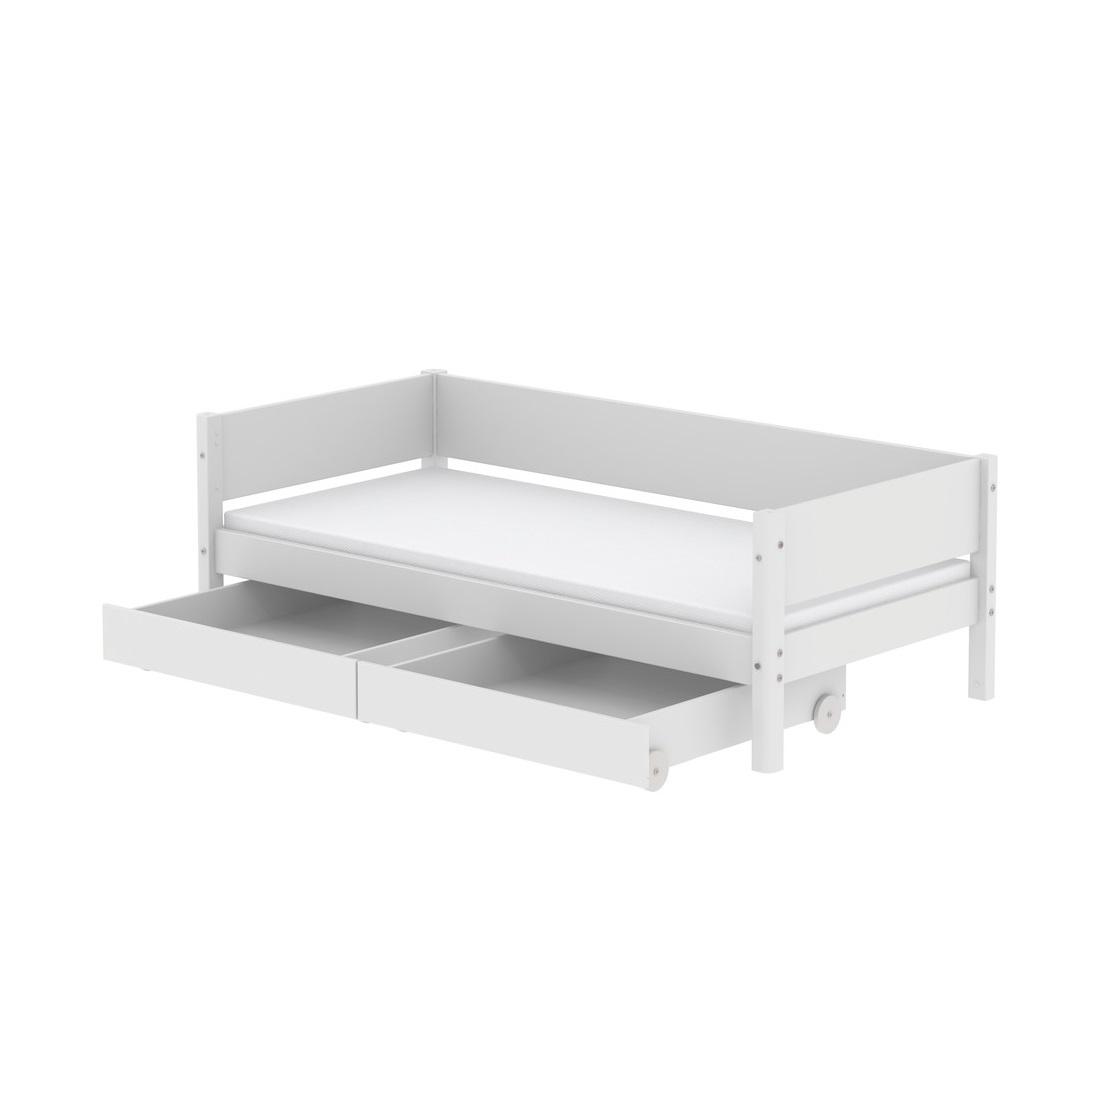 Dagbädd 90 x 190 cm två sänglådor FLEXA WHITE, Flexa